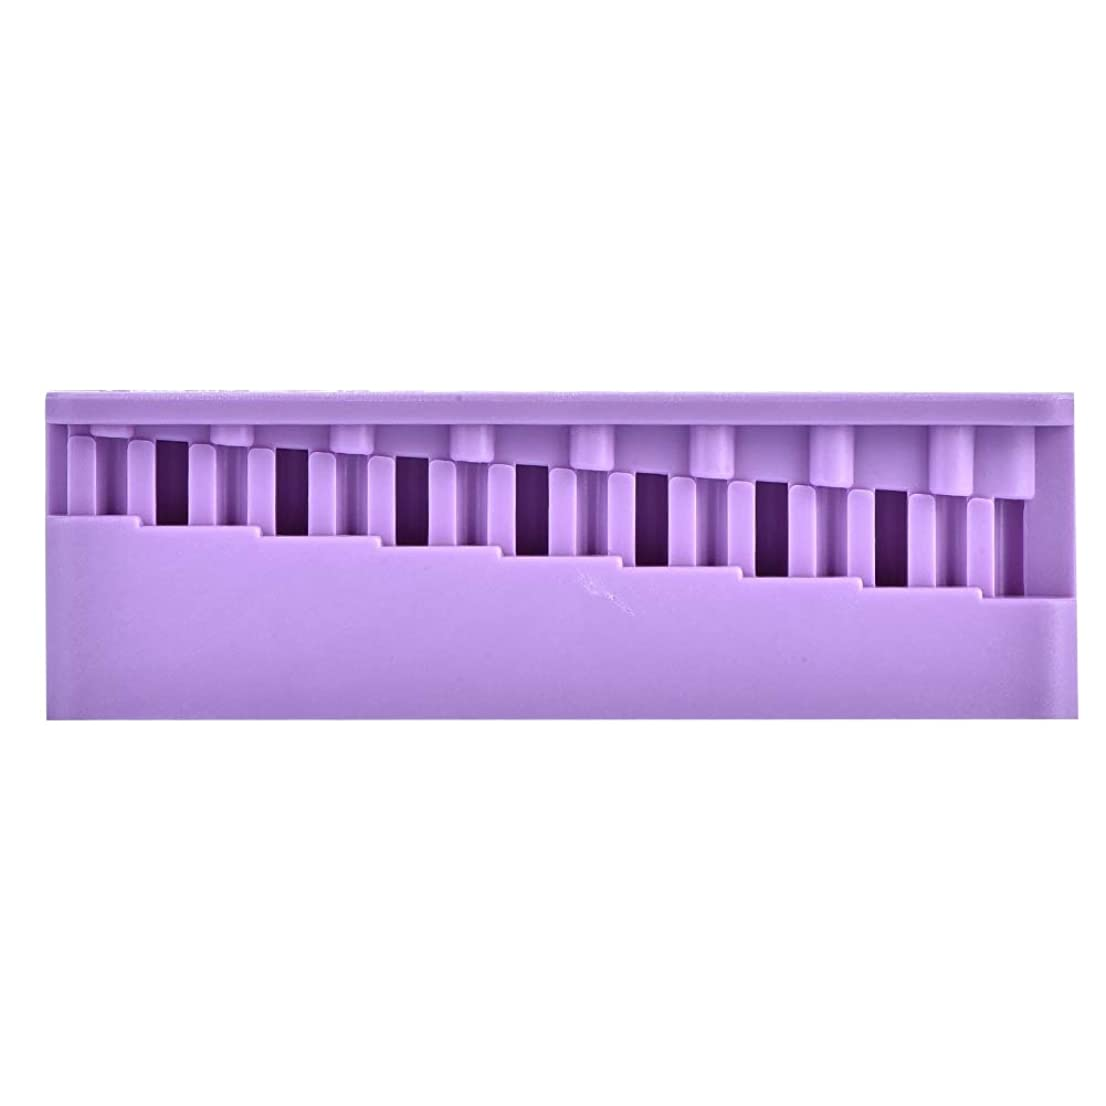 挨拶する安定したハングNitrip 歯科測定ブロック 歯根テストボード 歯科用メジャーブロック 歯科用根管測定 歯根測定ツール 高温消毒 2色(紫色)